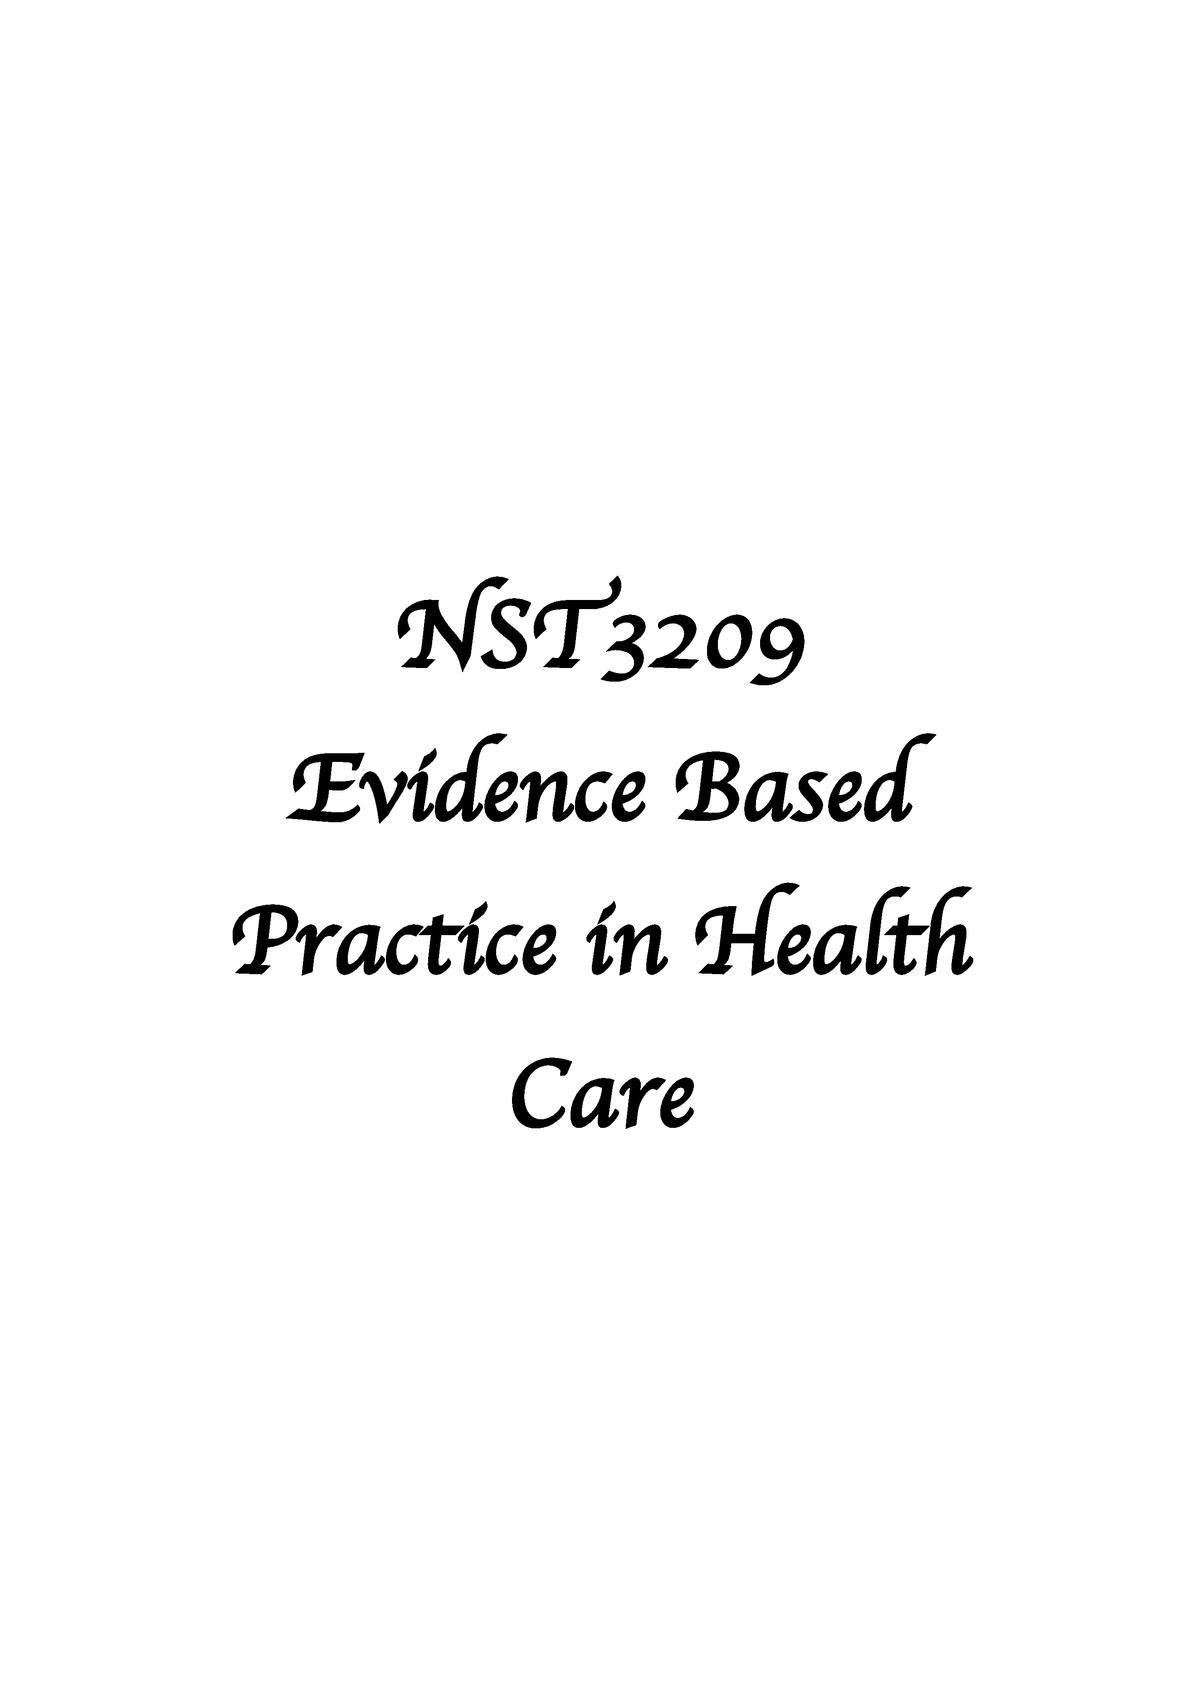 Evidence Based Practice Exam Notes - NCS1202 - ECU - StuDocu